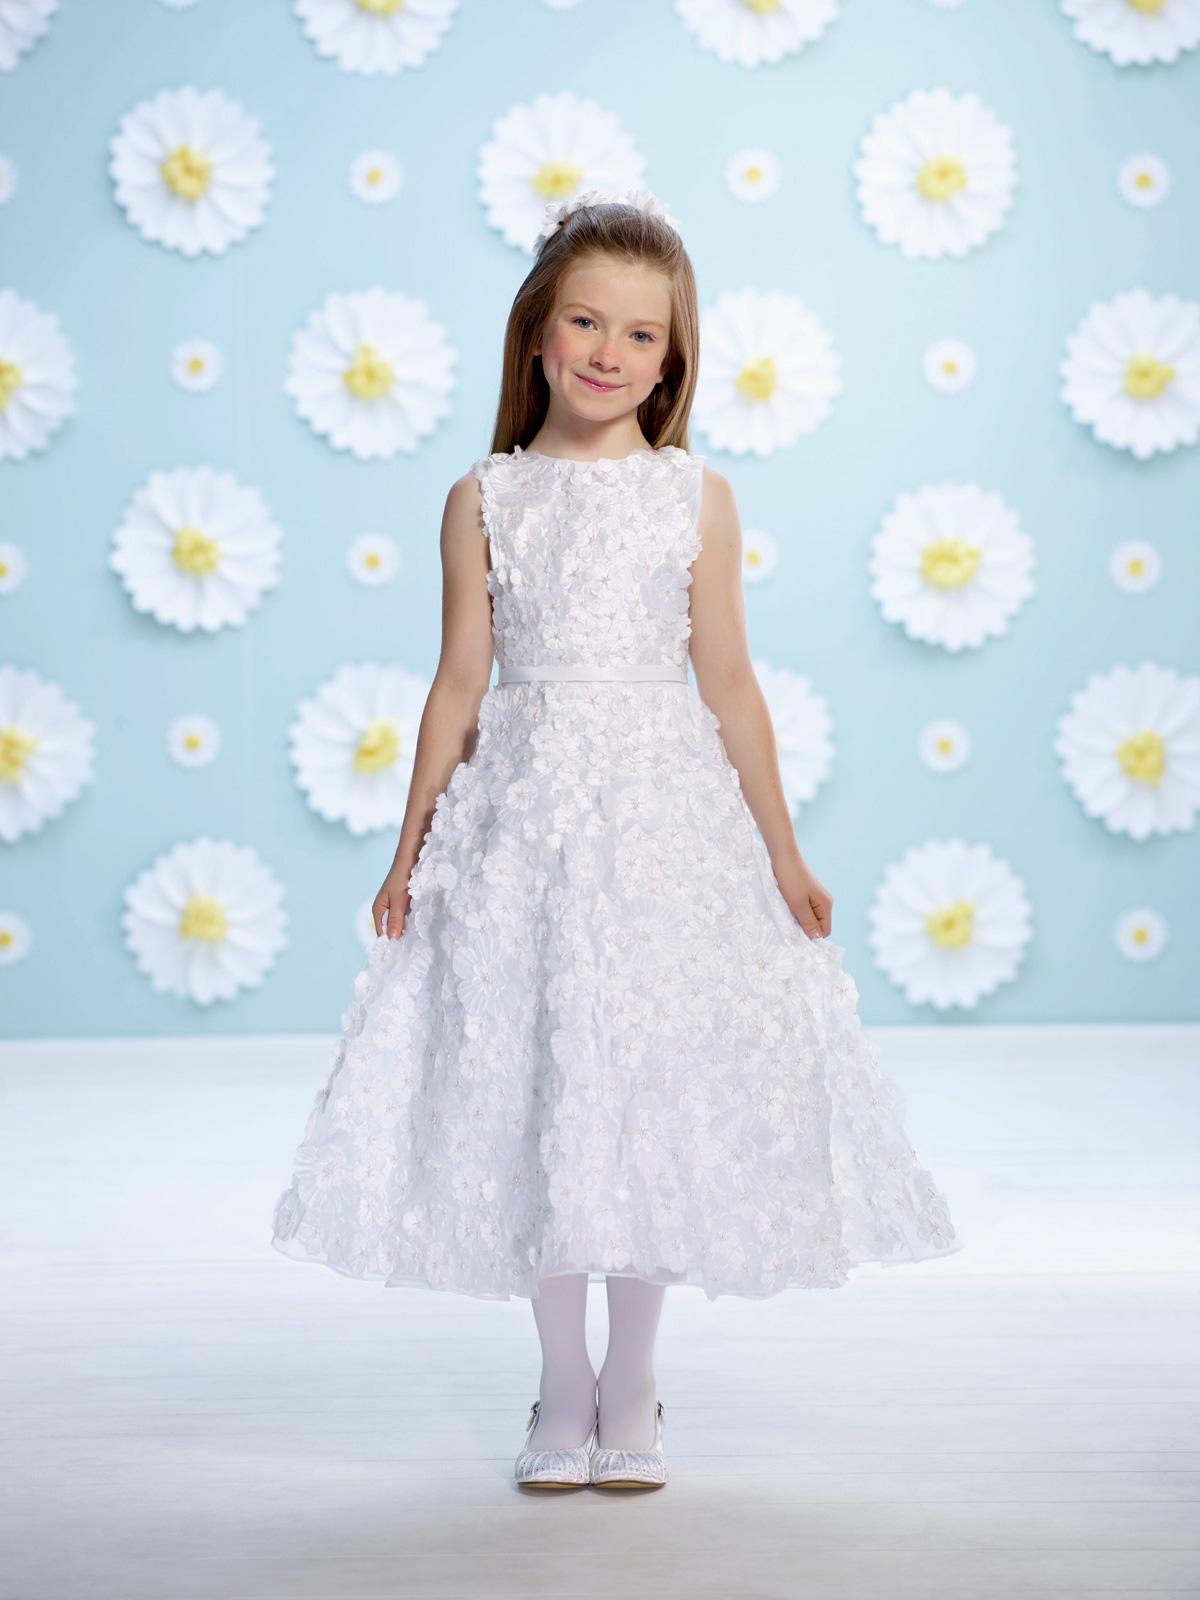 Vestido de Dama regata com corte evasê todo trabalhado com flores em tecido e cinto liso em cetim.